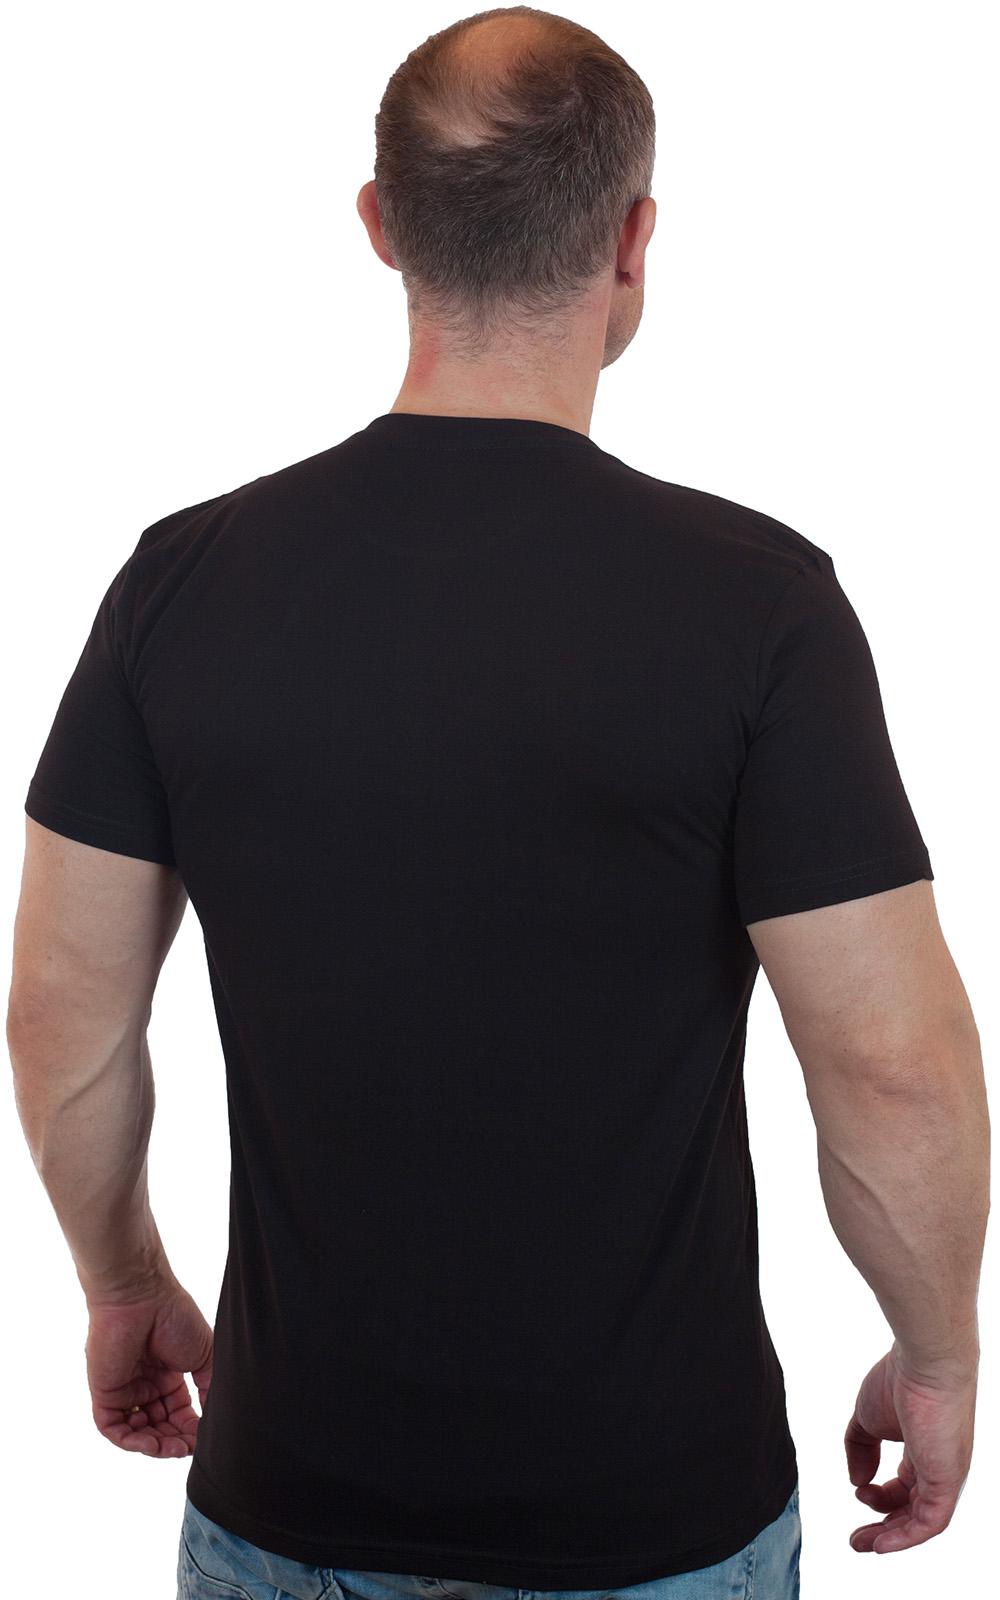 Черная мужская футболка с вышитым шевроном ОСН Булат - купить онлайн